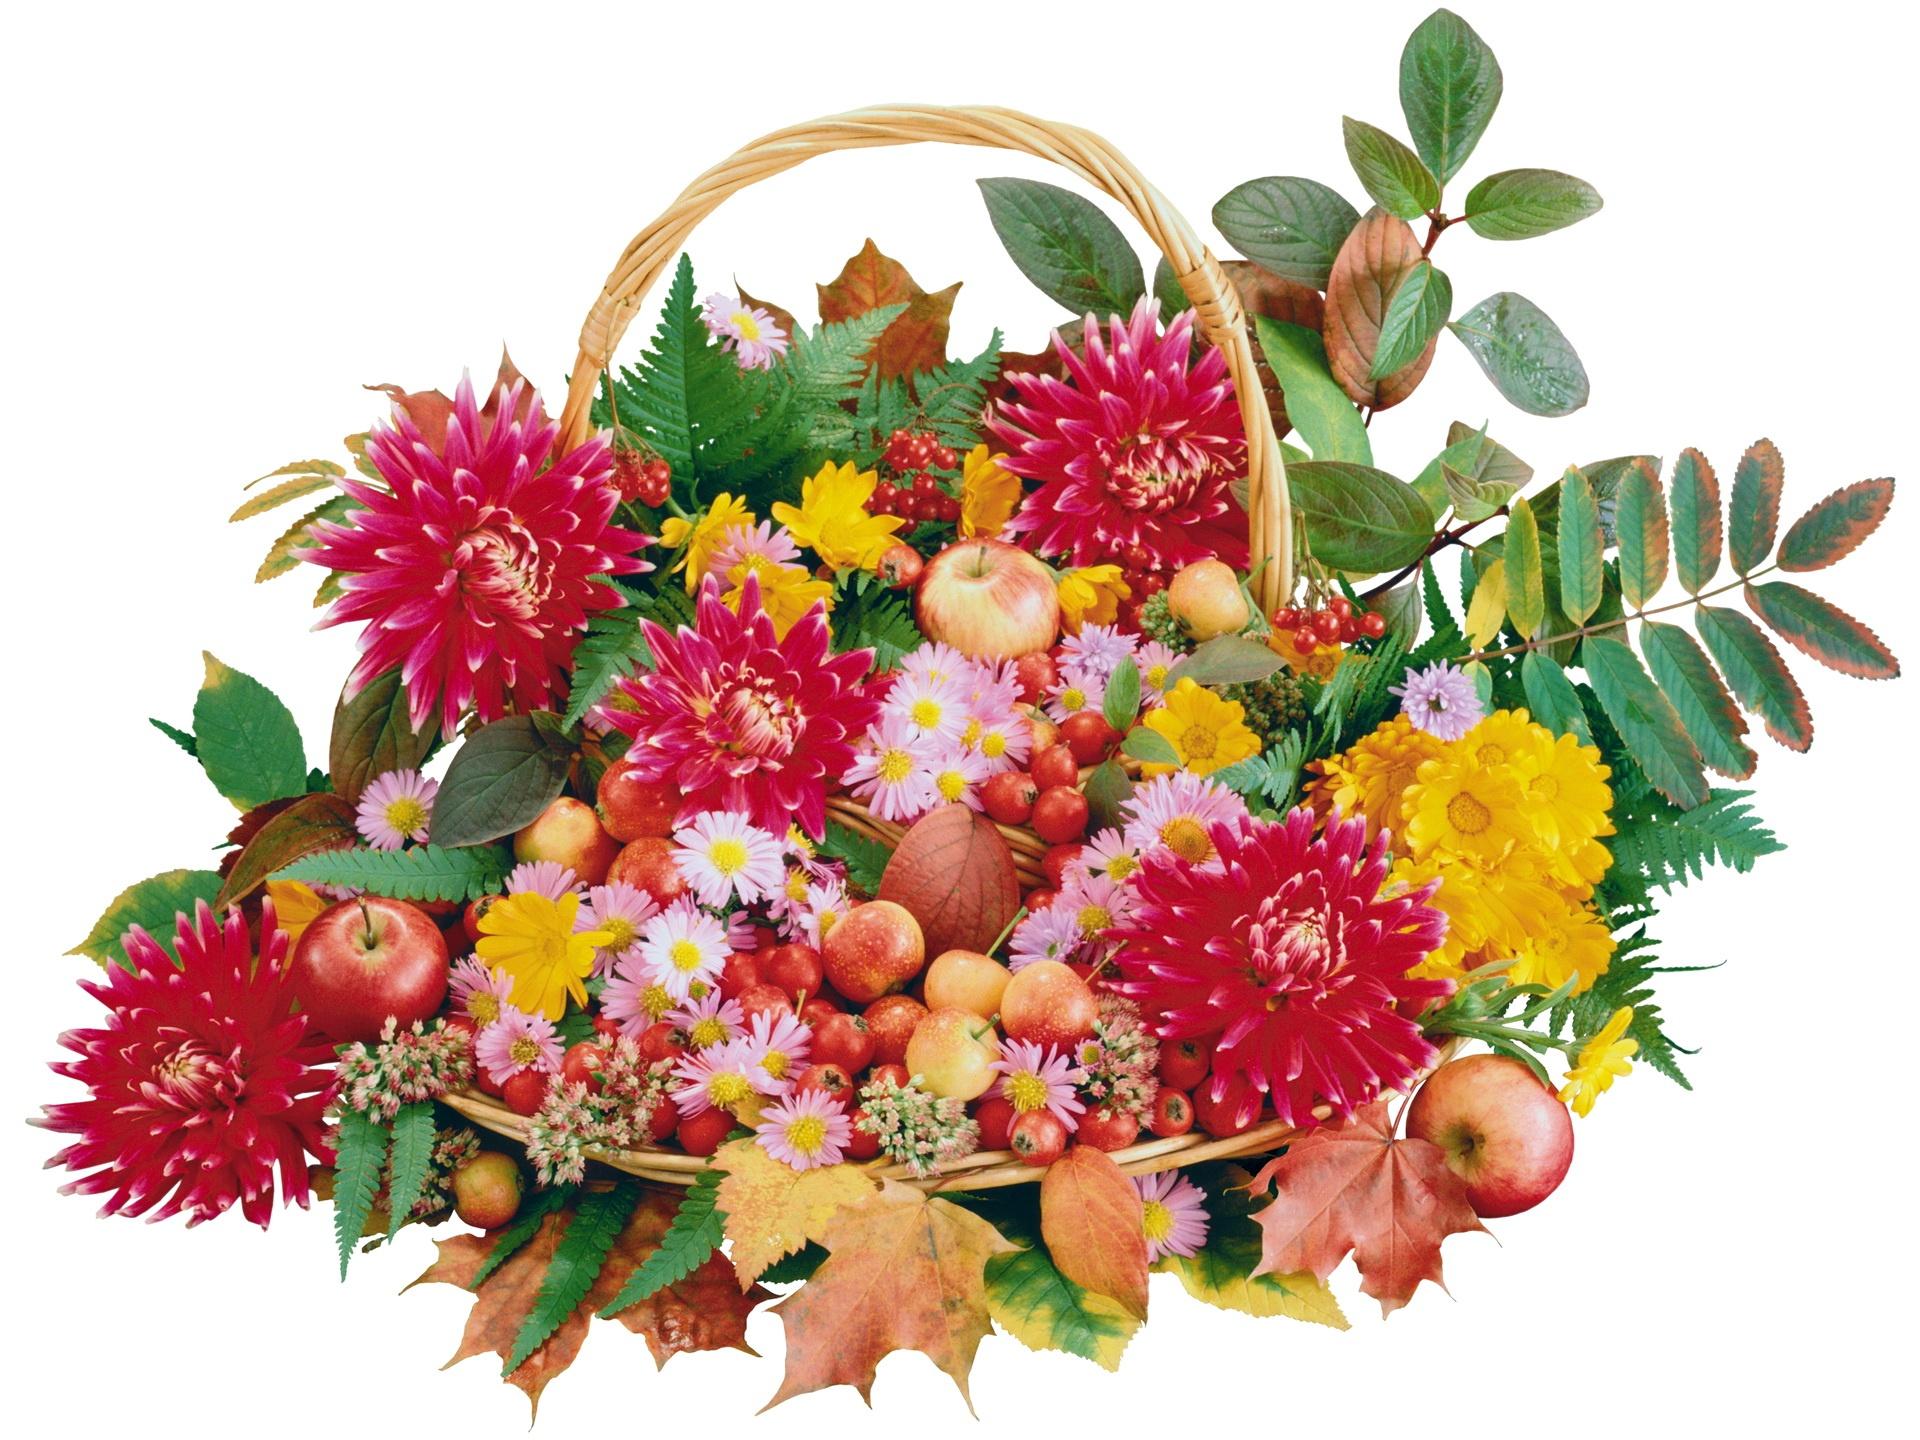 обои на рабочий стол осенние цветы композиции из цветов № 241398  скачать